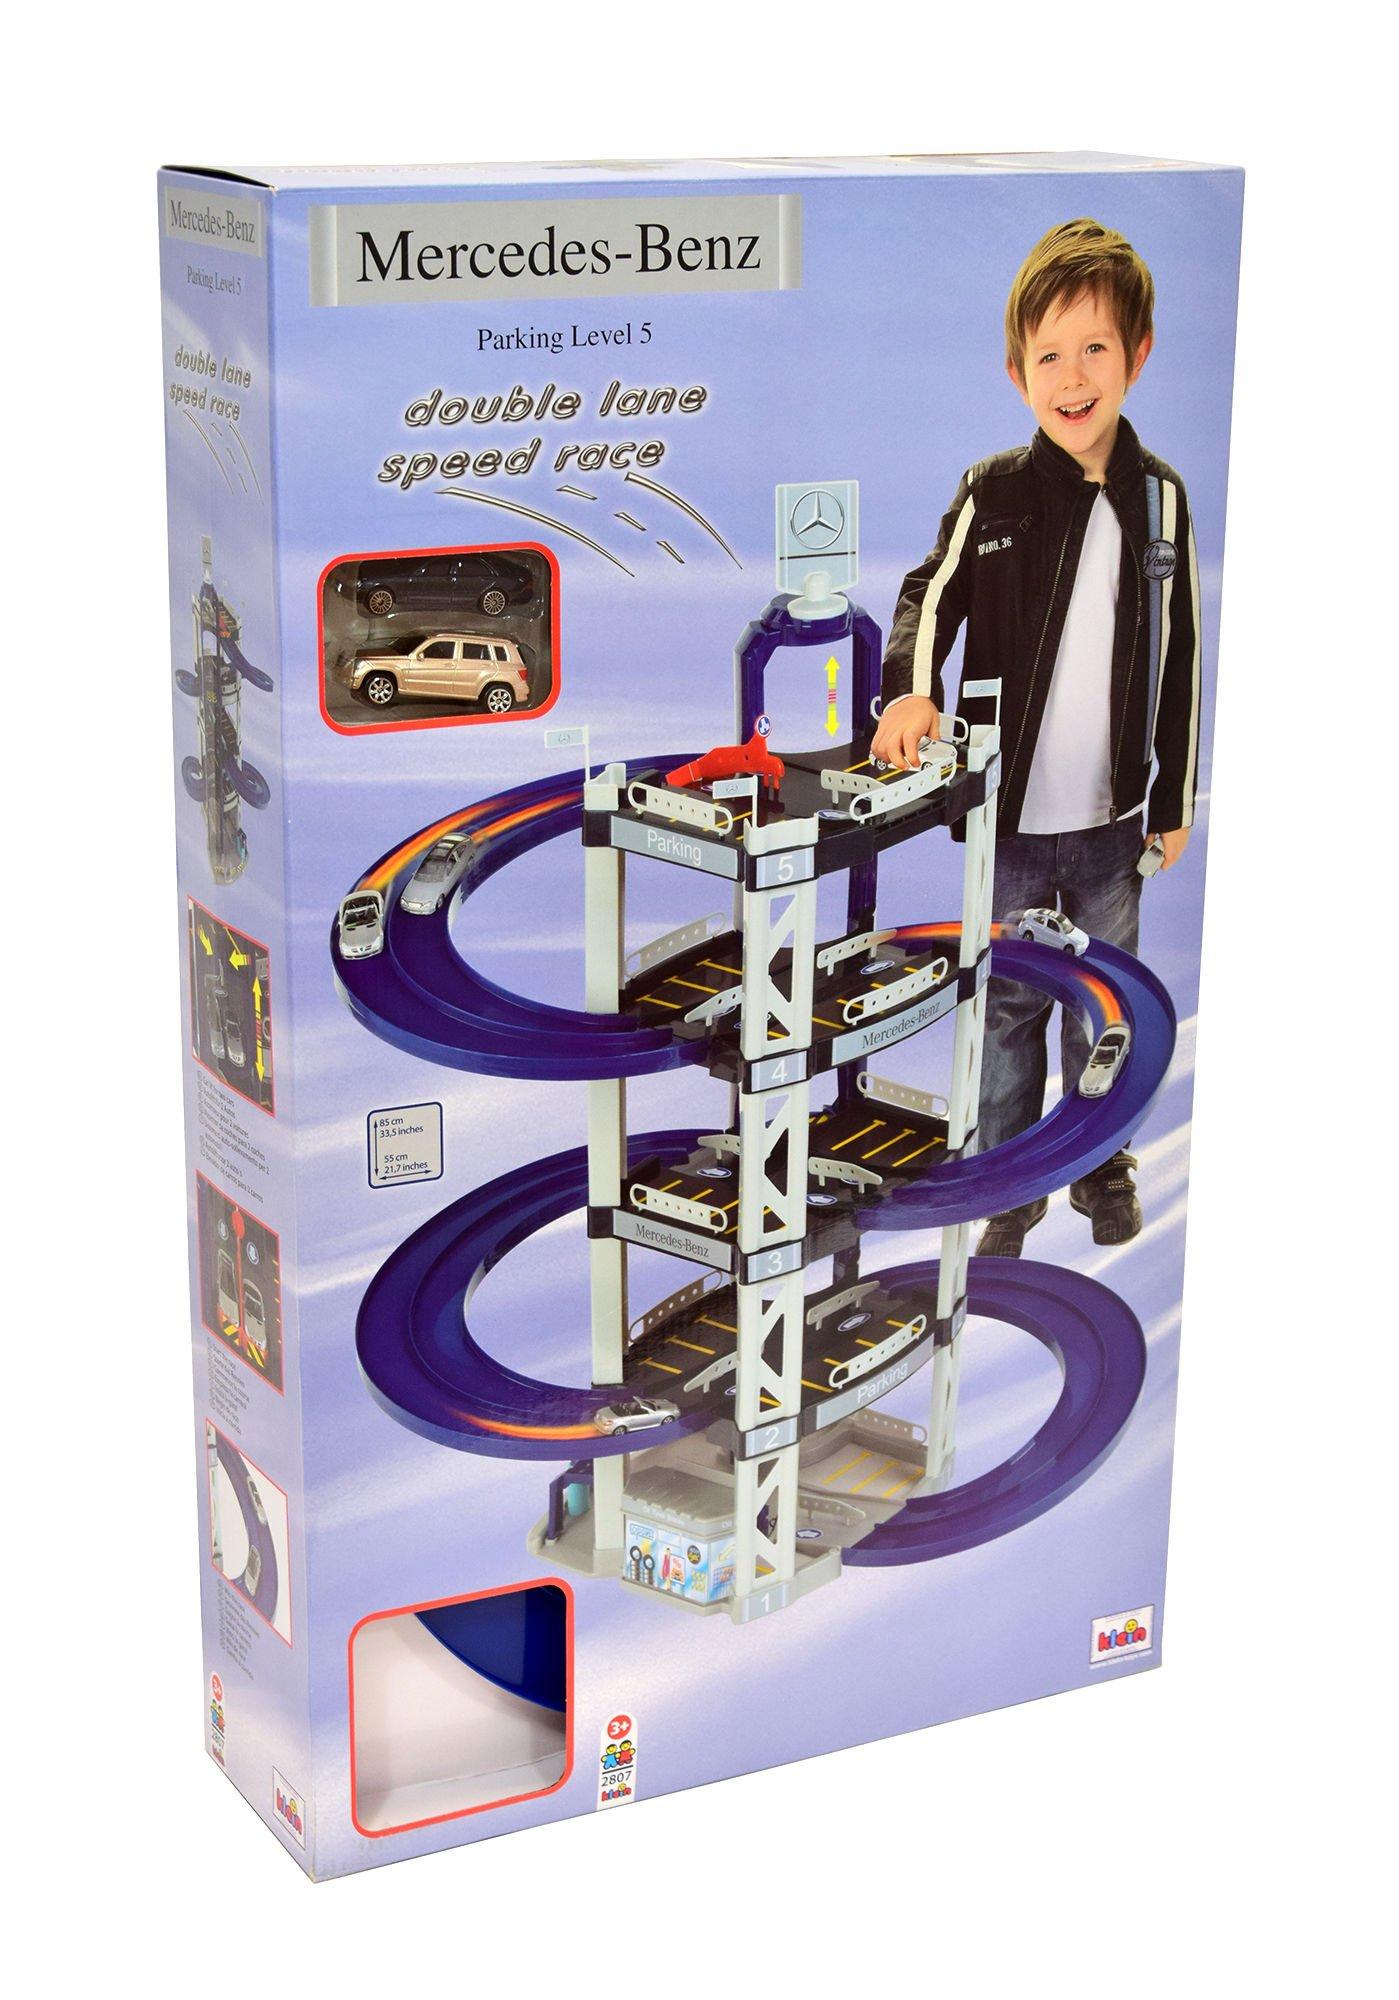 Klein 2807 parking gara mercedes 5 poziom w zabawki for Parking at mercedes benz superdome